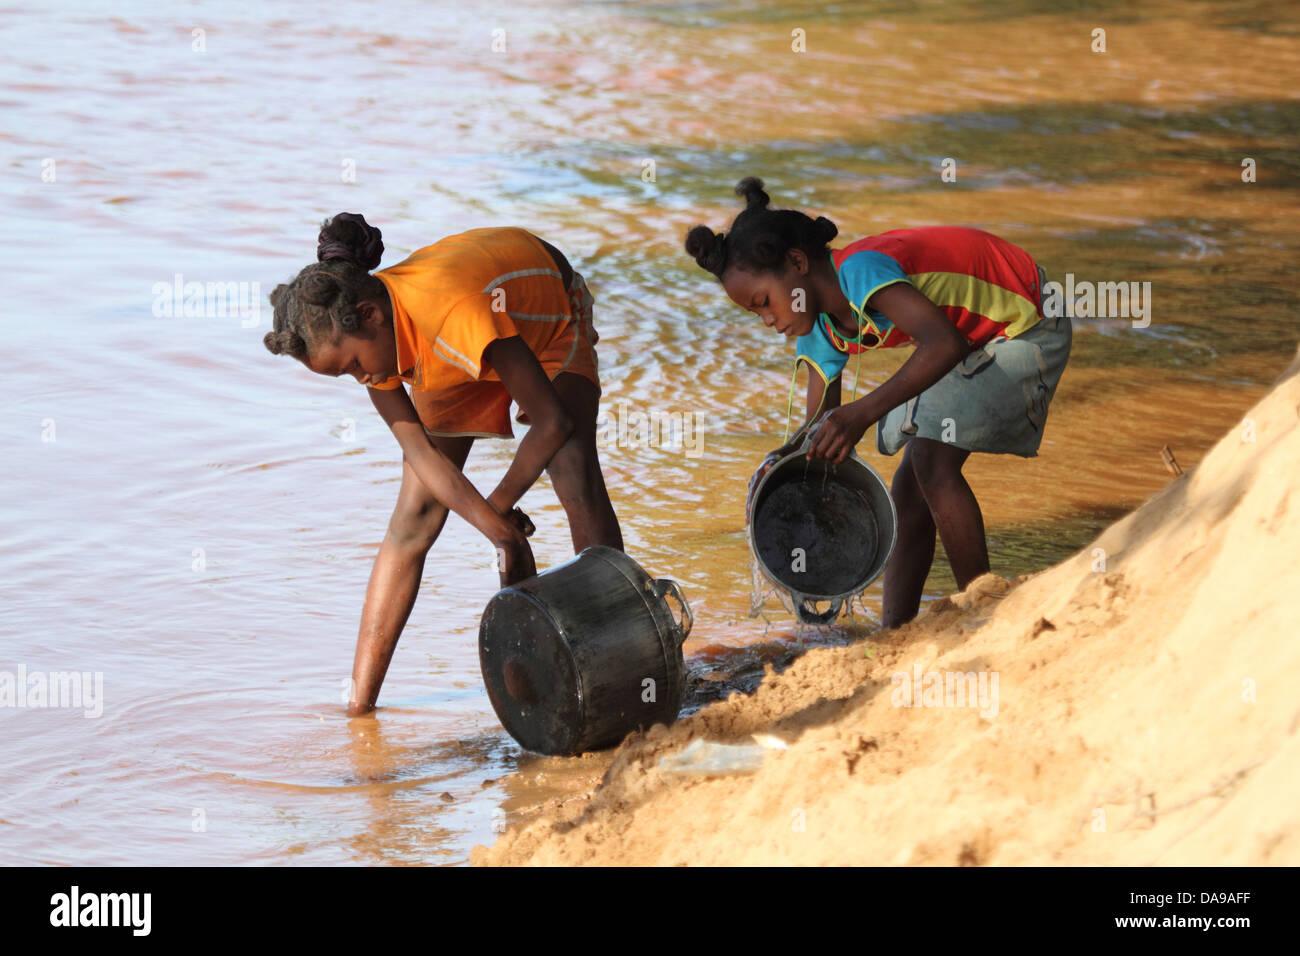 Fille, filles, locale, lave, pan, casseroles, vaisselle, ménage, ménage, piscine, en plein air, rivière, Photo Stock